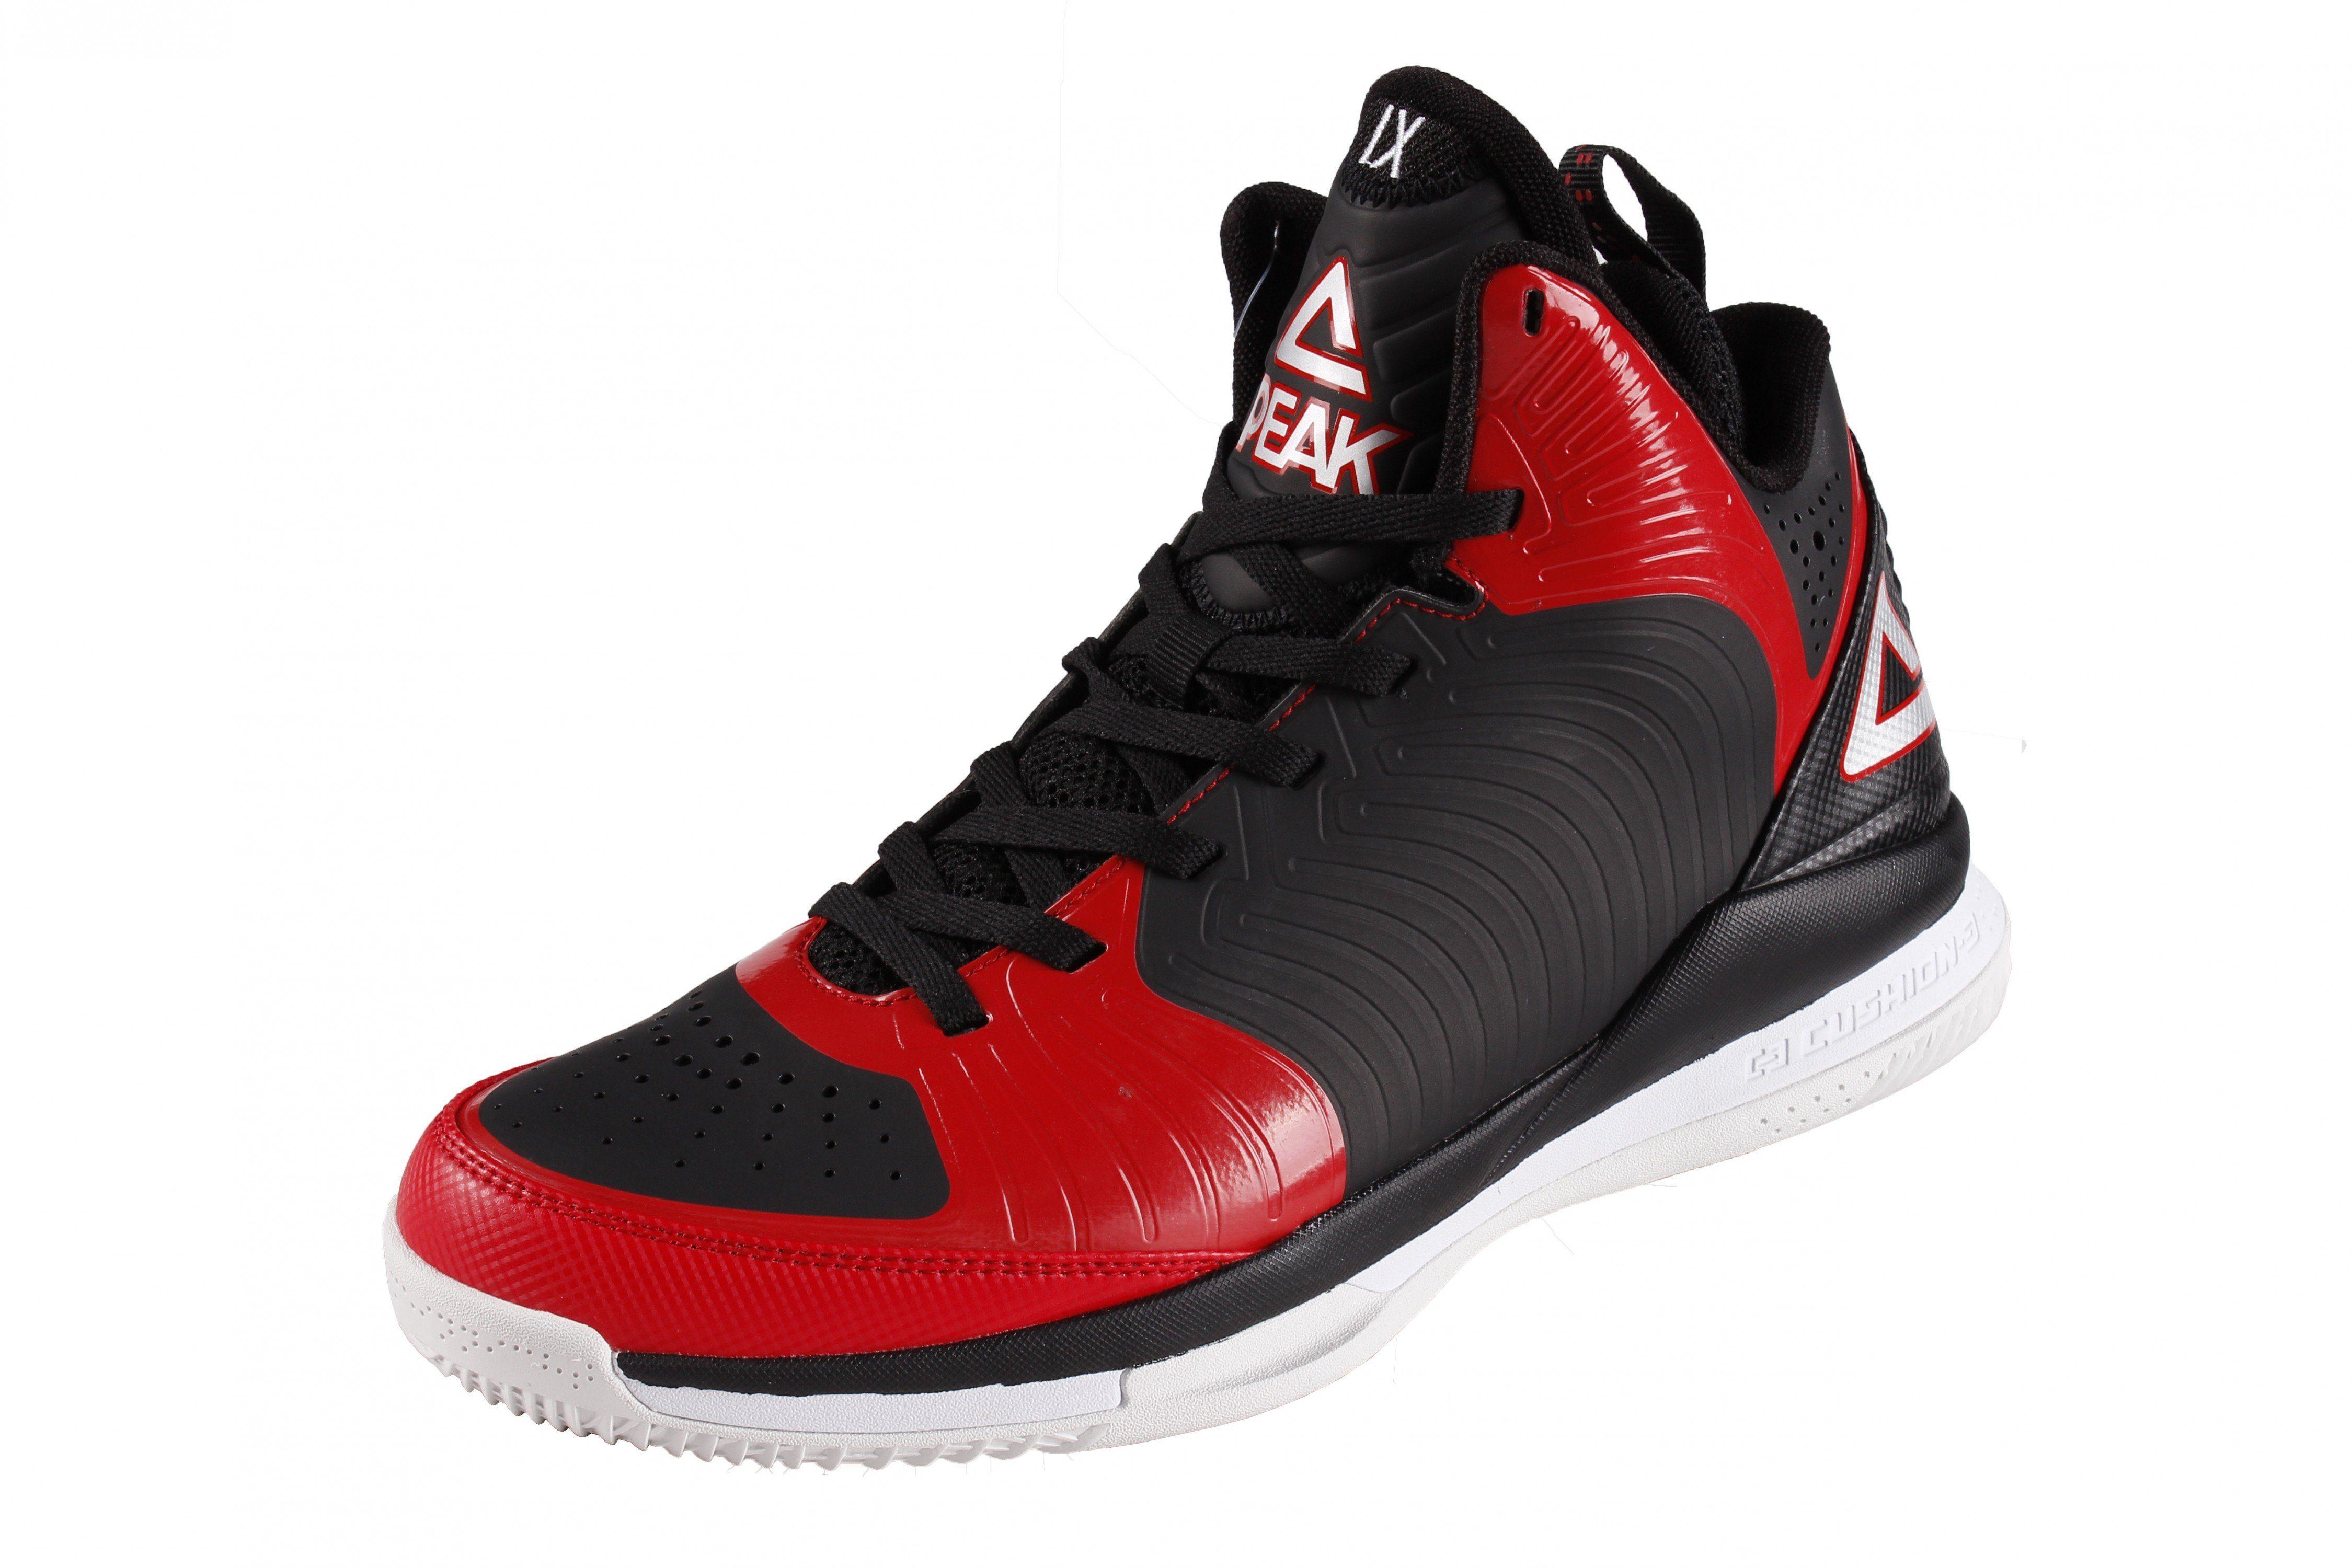 PEAK Basketballschuhe online kaufen  black-red